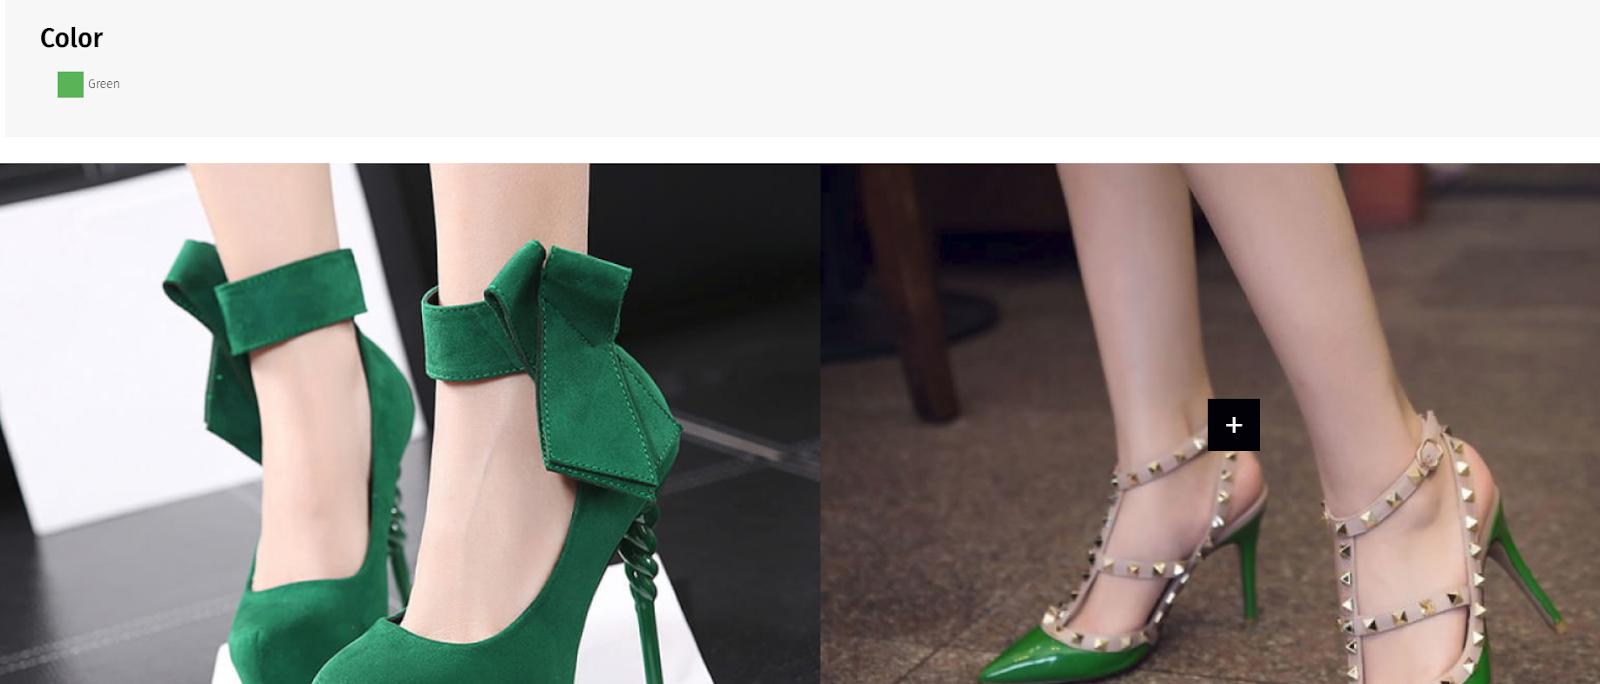 Woman green shoe